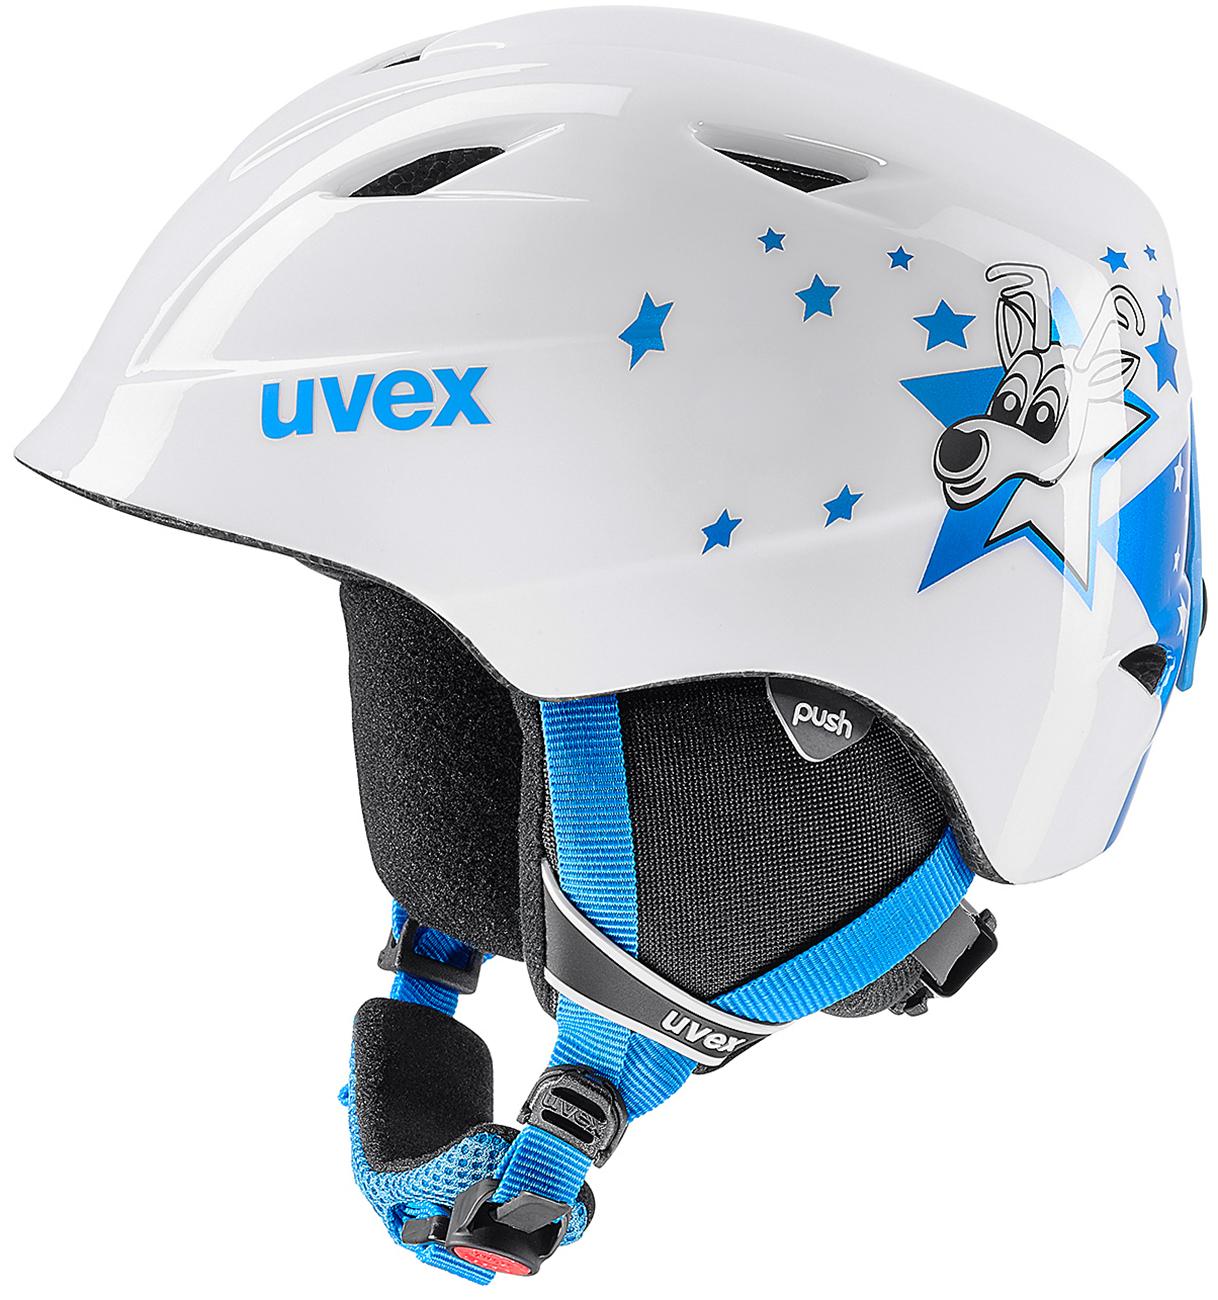 Uvex Шлем детский Uvex Airwing 2, размер 52-54